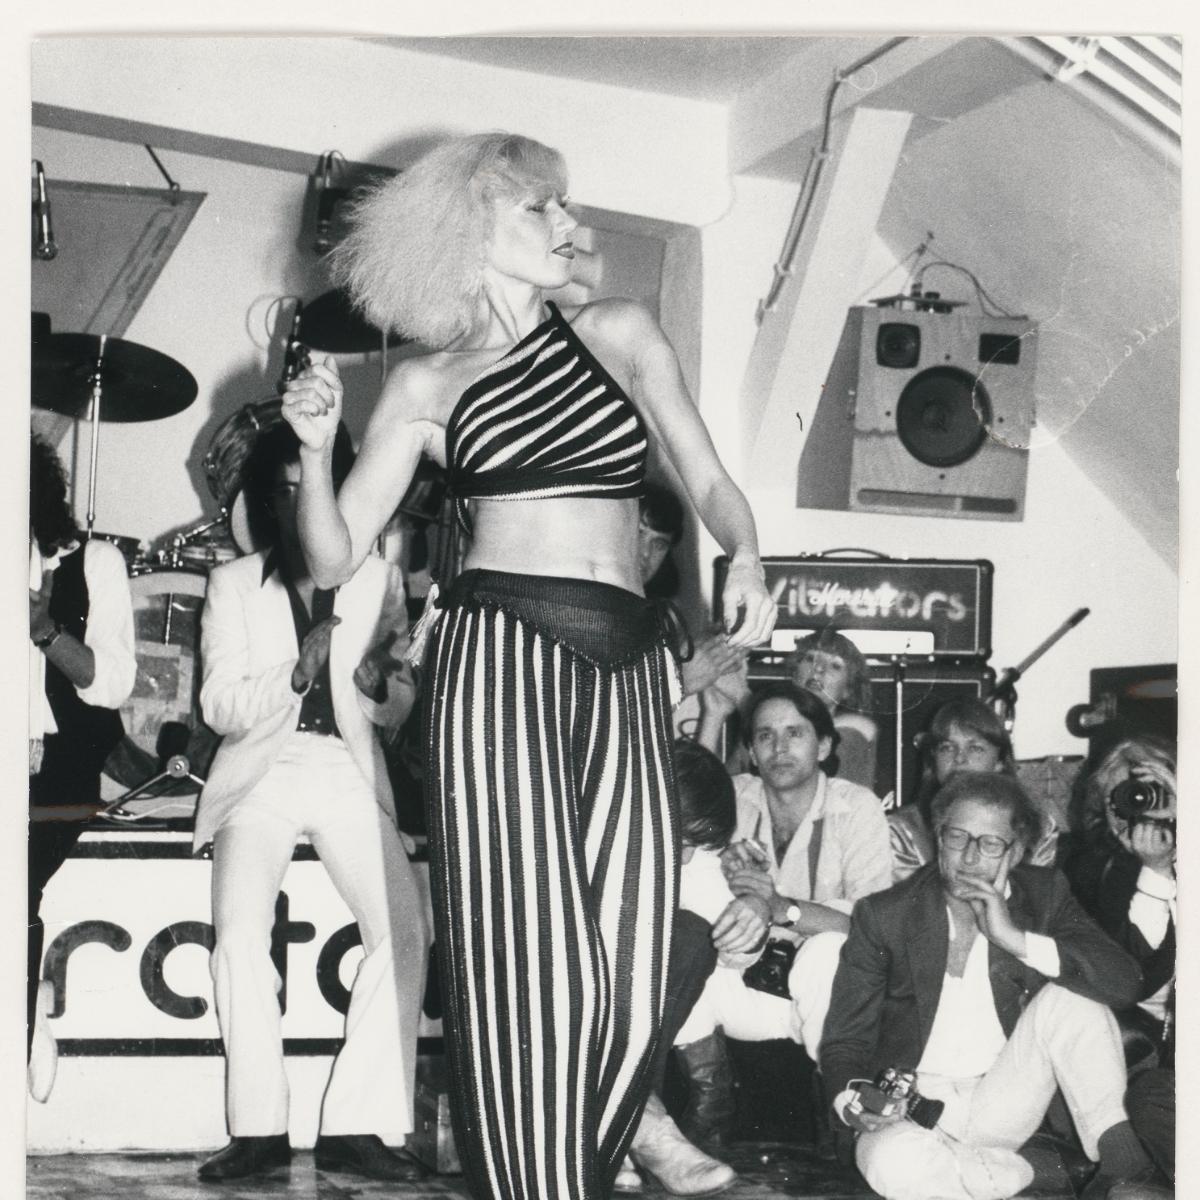 Rich Richter, Ohne Titel (Modenschau Pablo Picasso, fabrikneu), Silbergelatine-Vintageprint, 1977,  Rich Richter